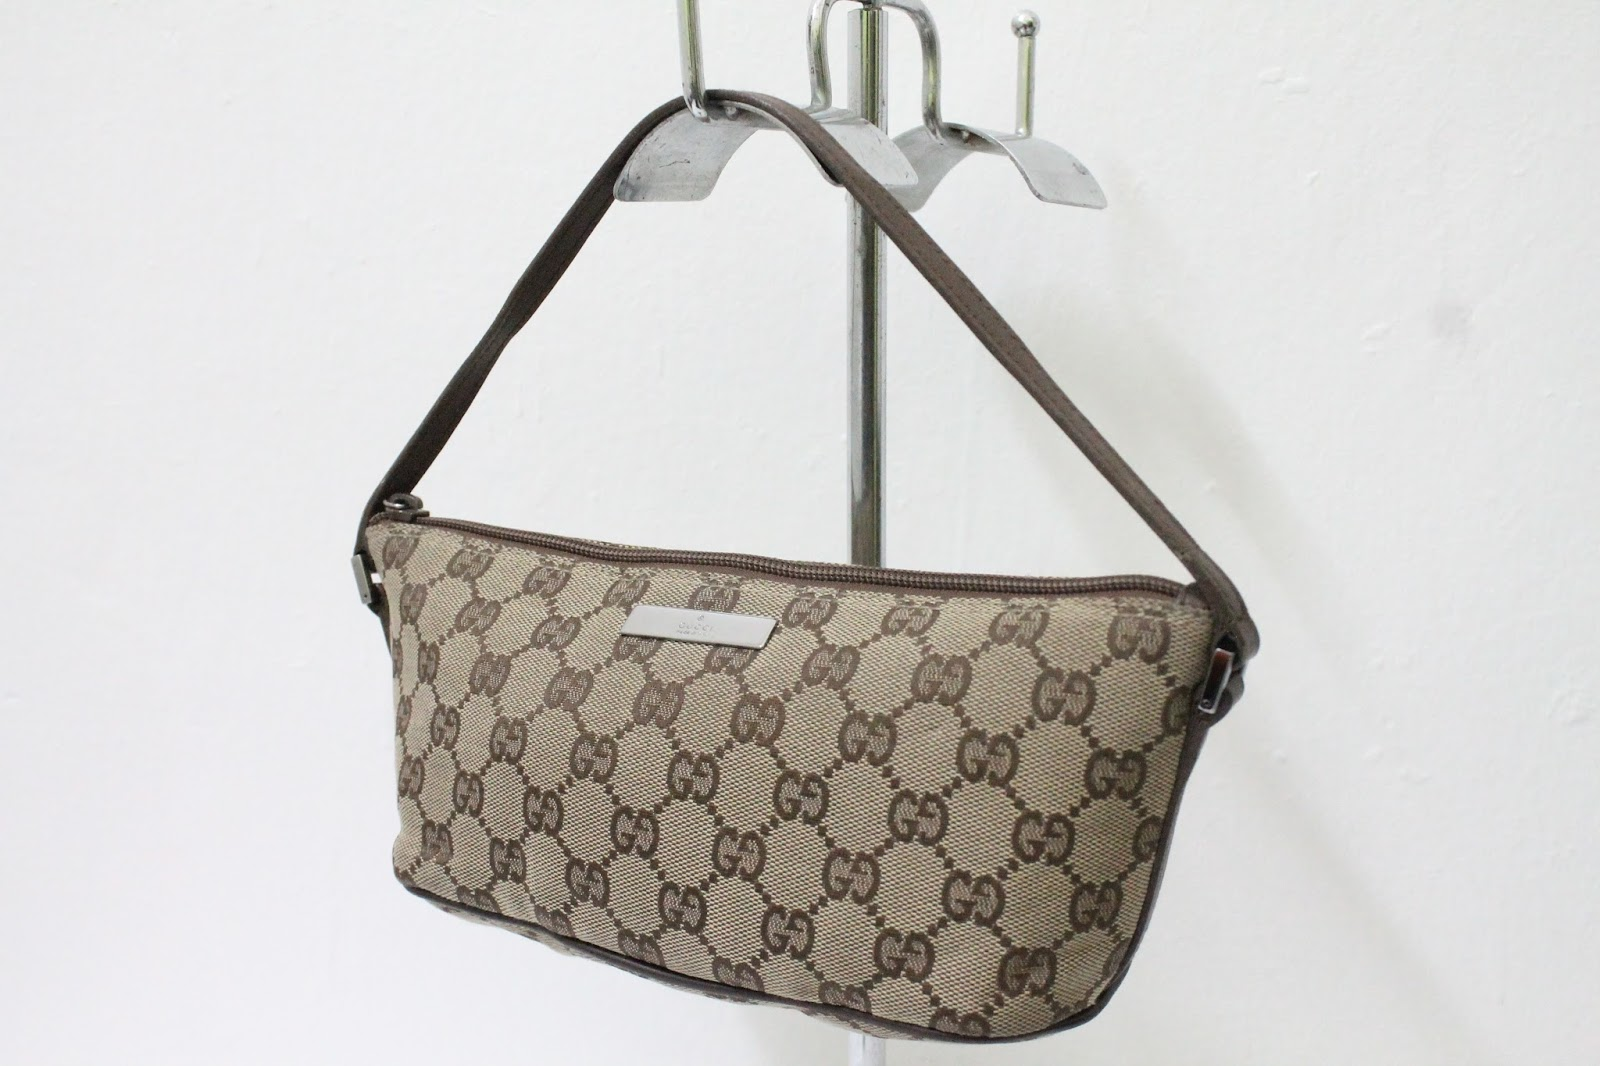 114f97c2c7d8 BUNDLEBARANGBAEK: Authentic GUCCI Tote Bag. Gucci - Gucci Original GG  Canvas Medium Messenger Bag - 233052 F4F5R 9791 ...